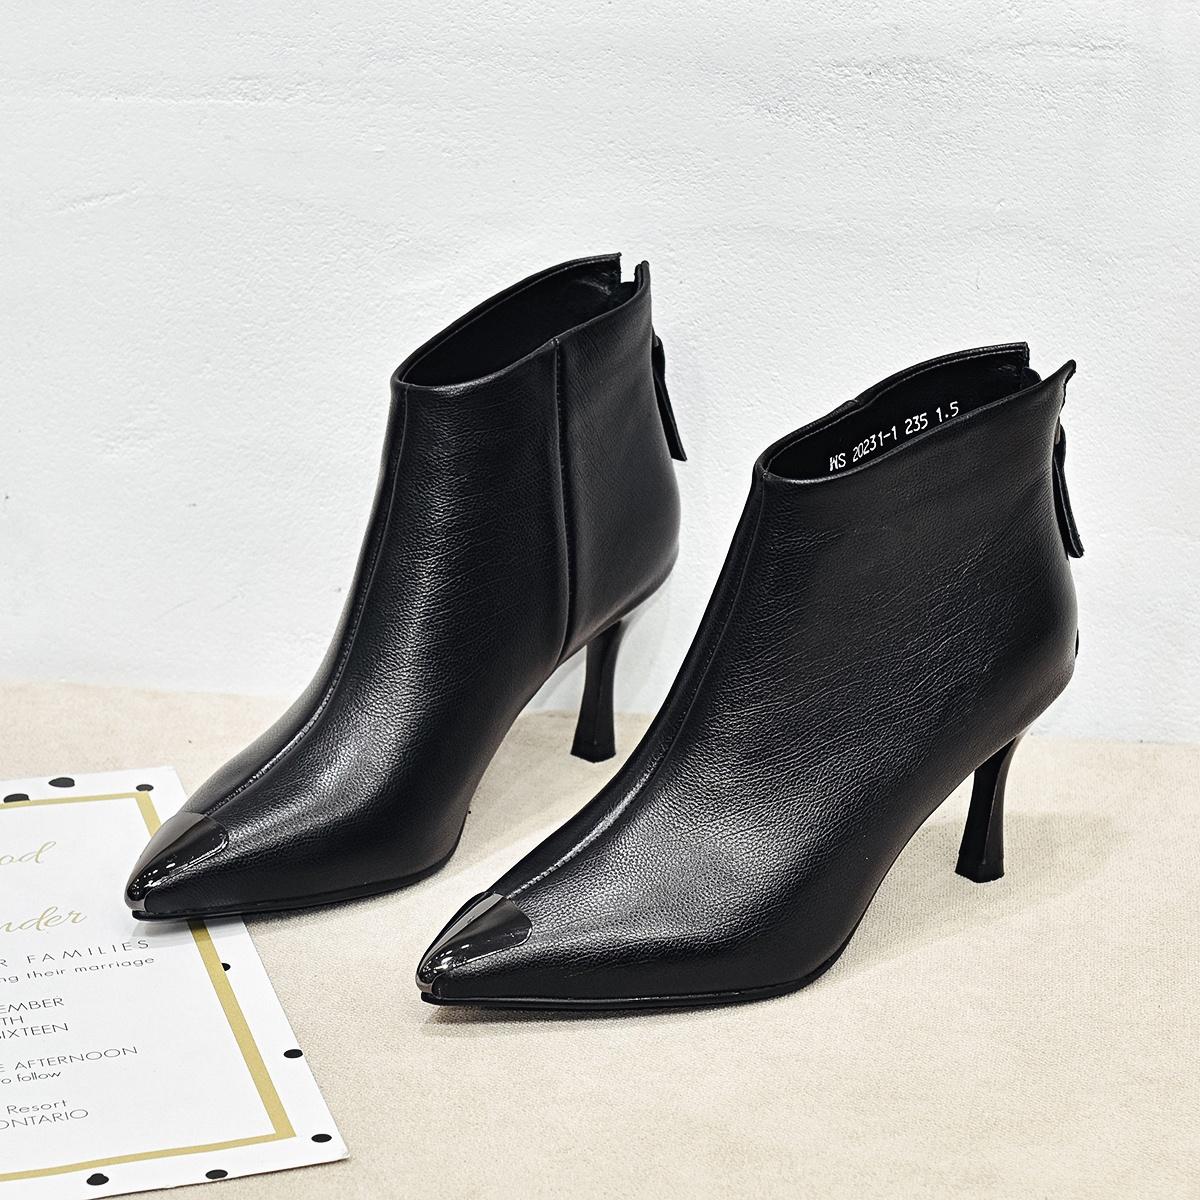 女靴春秋单靴女鞋2019新款夏季马丁靴女细跟高跟尖头真皮百搭短